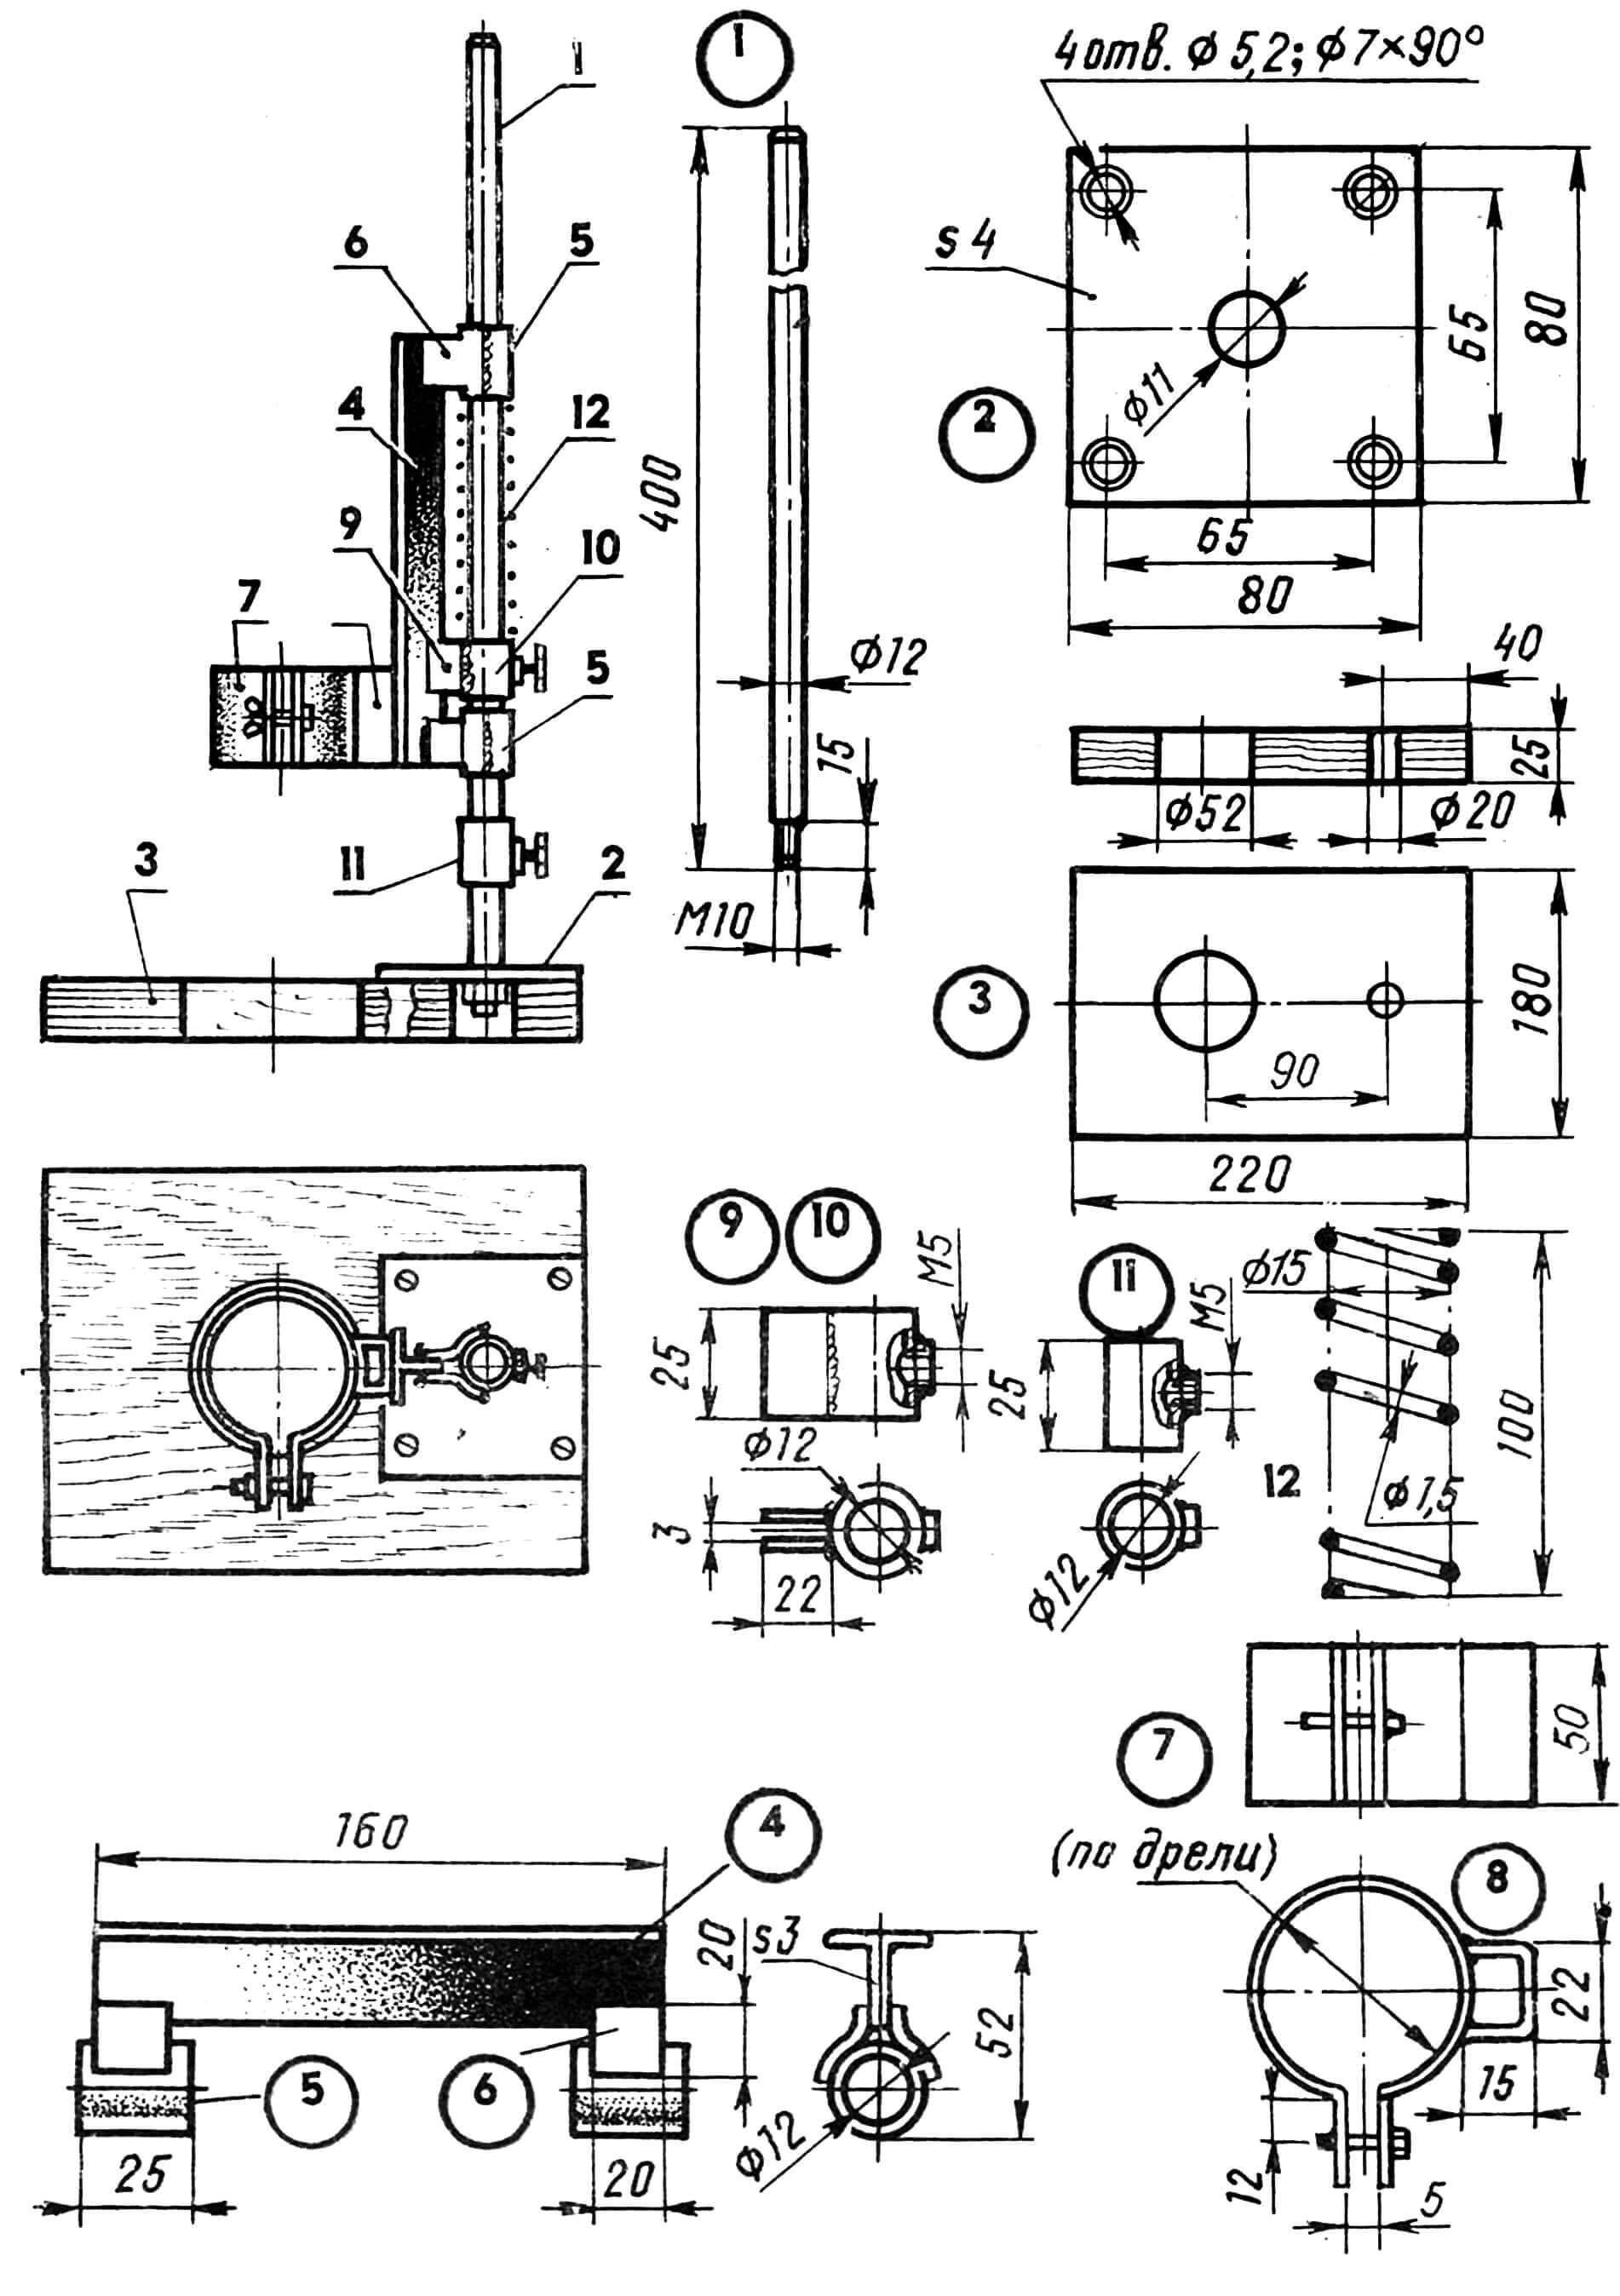 Сверлильный станок из дрели: 1 — штанга, 2 — пластина-подпятник, 3 — основание, 4 — Т-образный профиль кронштейна, 5 — втулки кронштейна, 6 — пластины втулки, 7 — хомут, 8 — проставка хомута, 9 — пластины направляющей втулки, 10 — направляющая втулка, 11 — втулка-ограничитель, 12 — возвратная пружина.